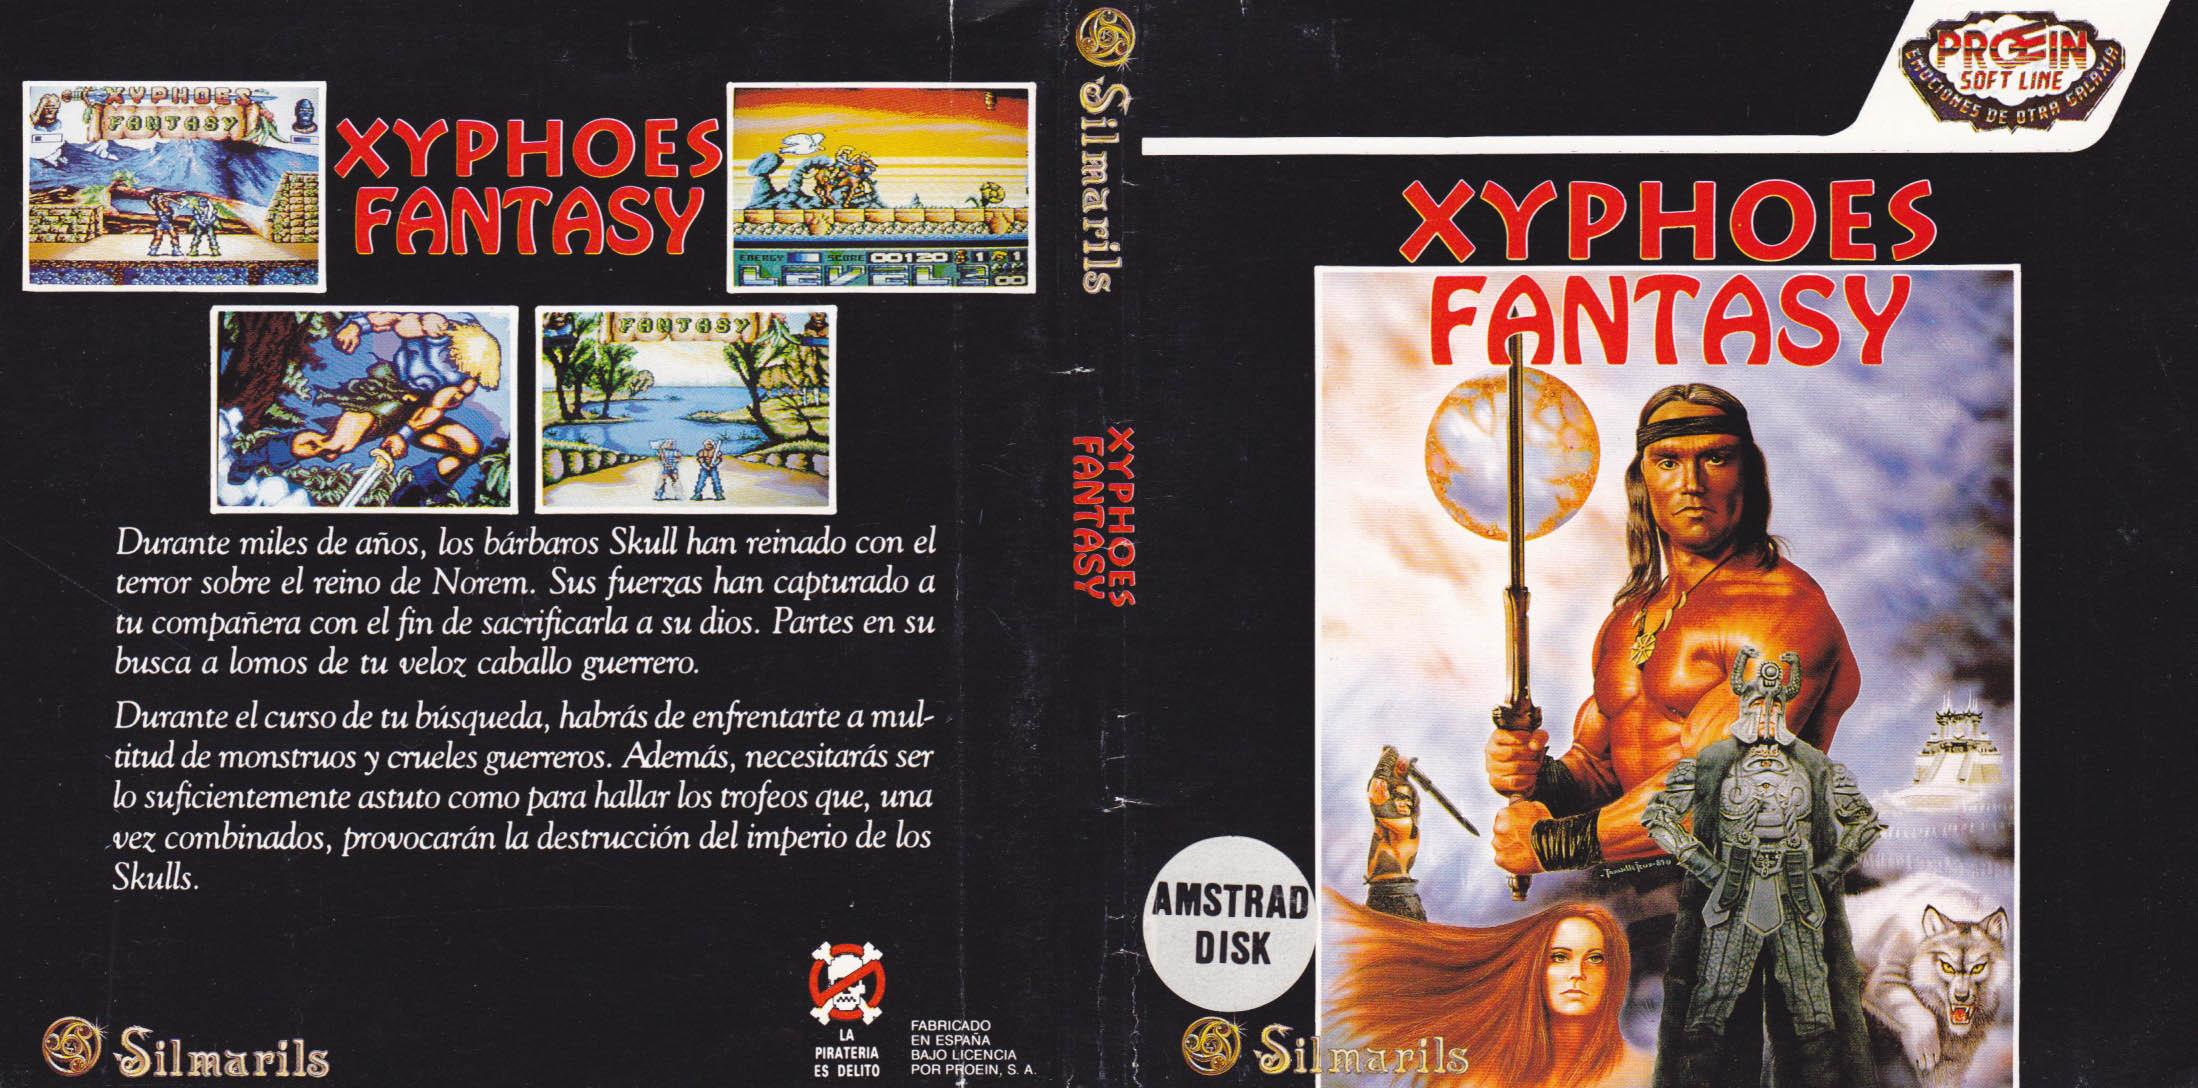 http://www.dizionariovideogiochi.it/lib/exe/fetch.php?cache=&media=luglio11:xyphoes_fantasy_-_box_disk_-_02.jpg